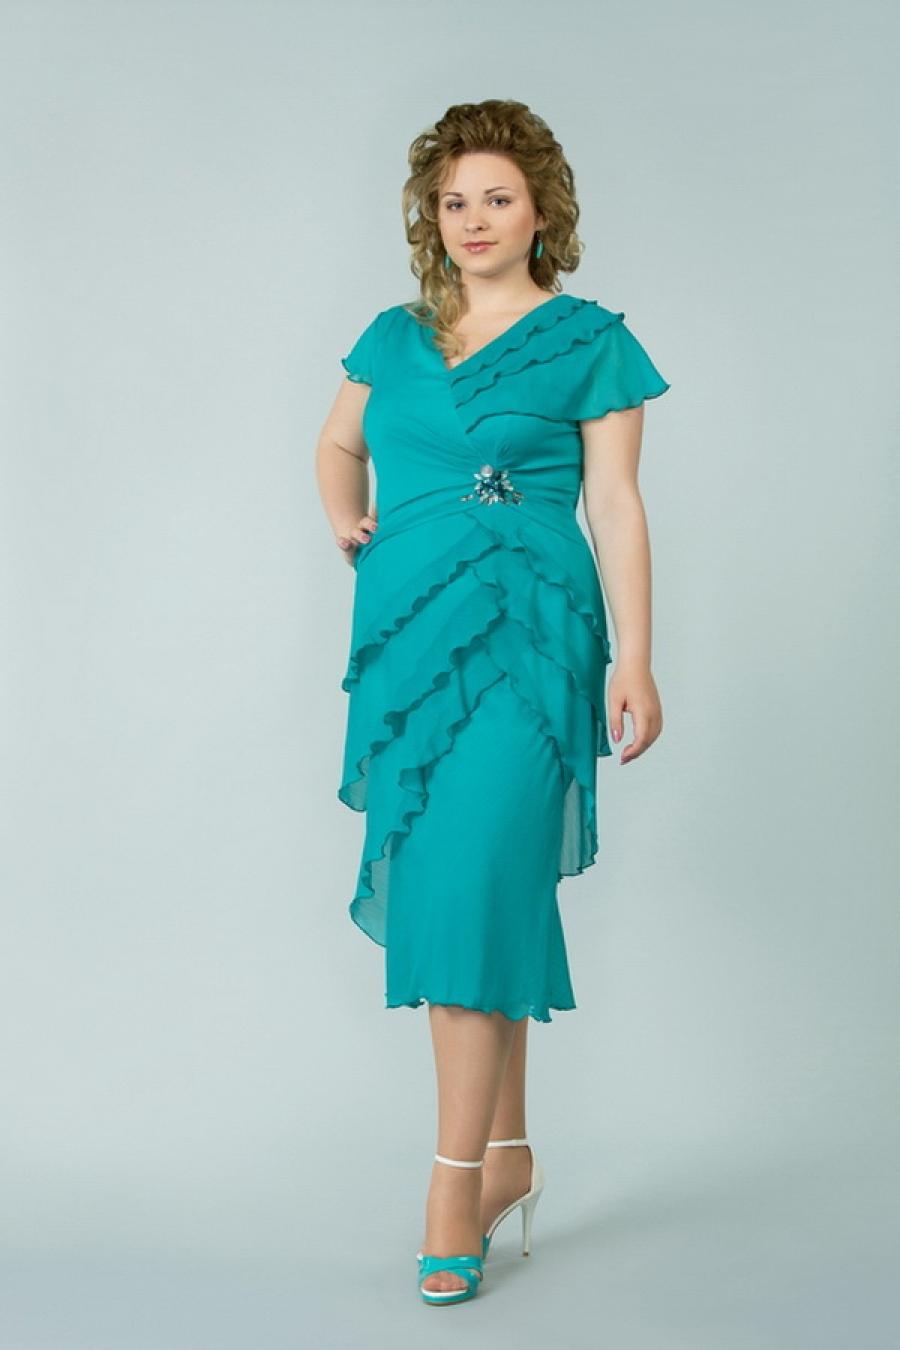 Женские вечерние платья для полненьких в беларуссии